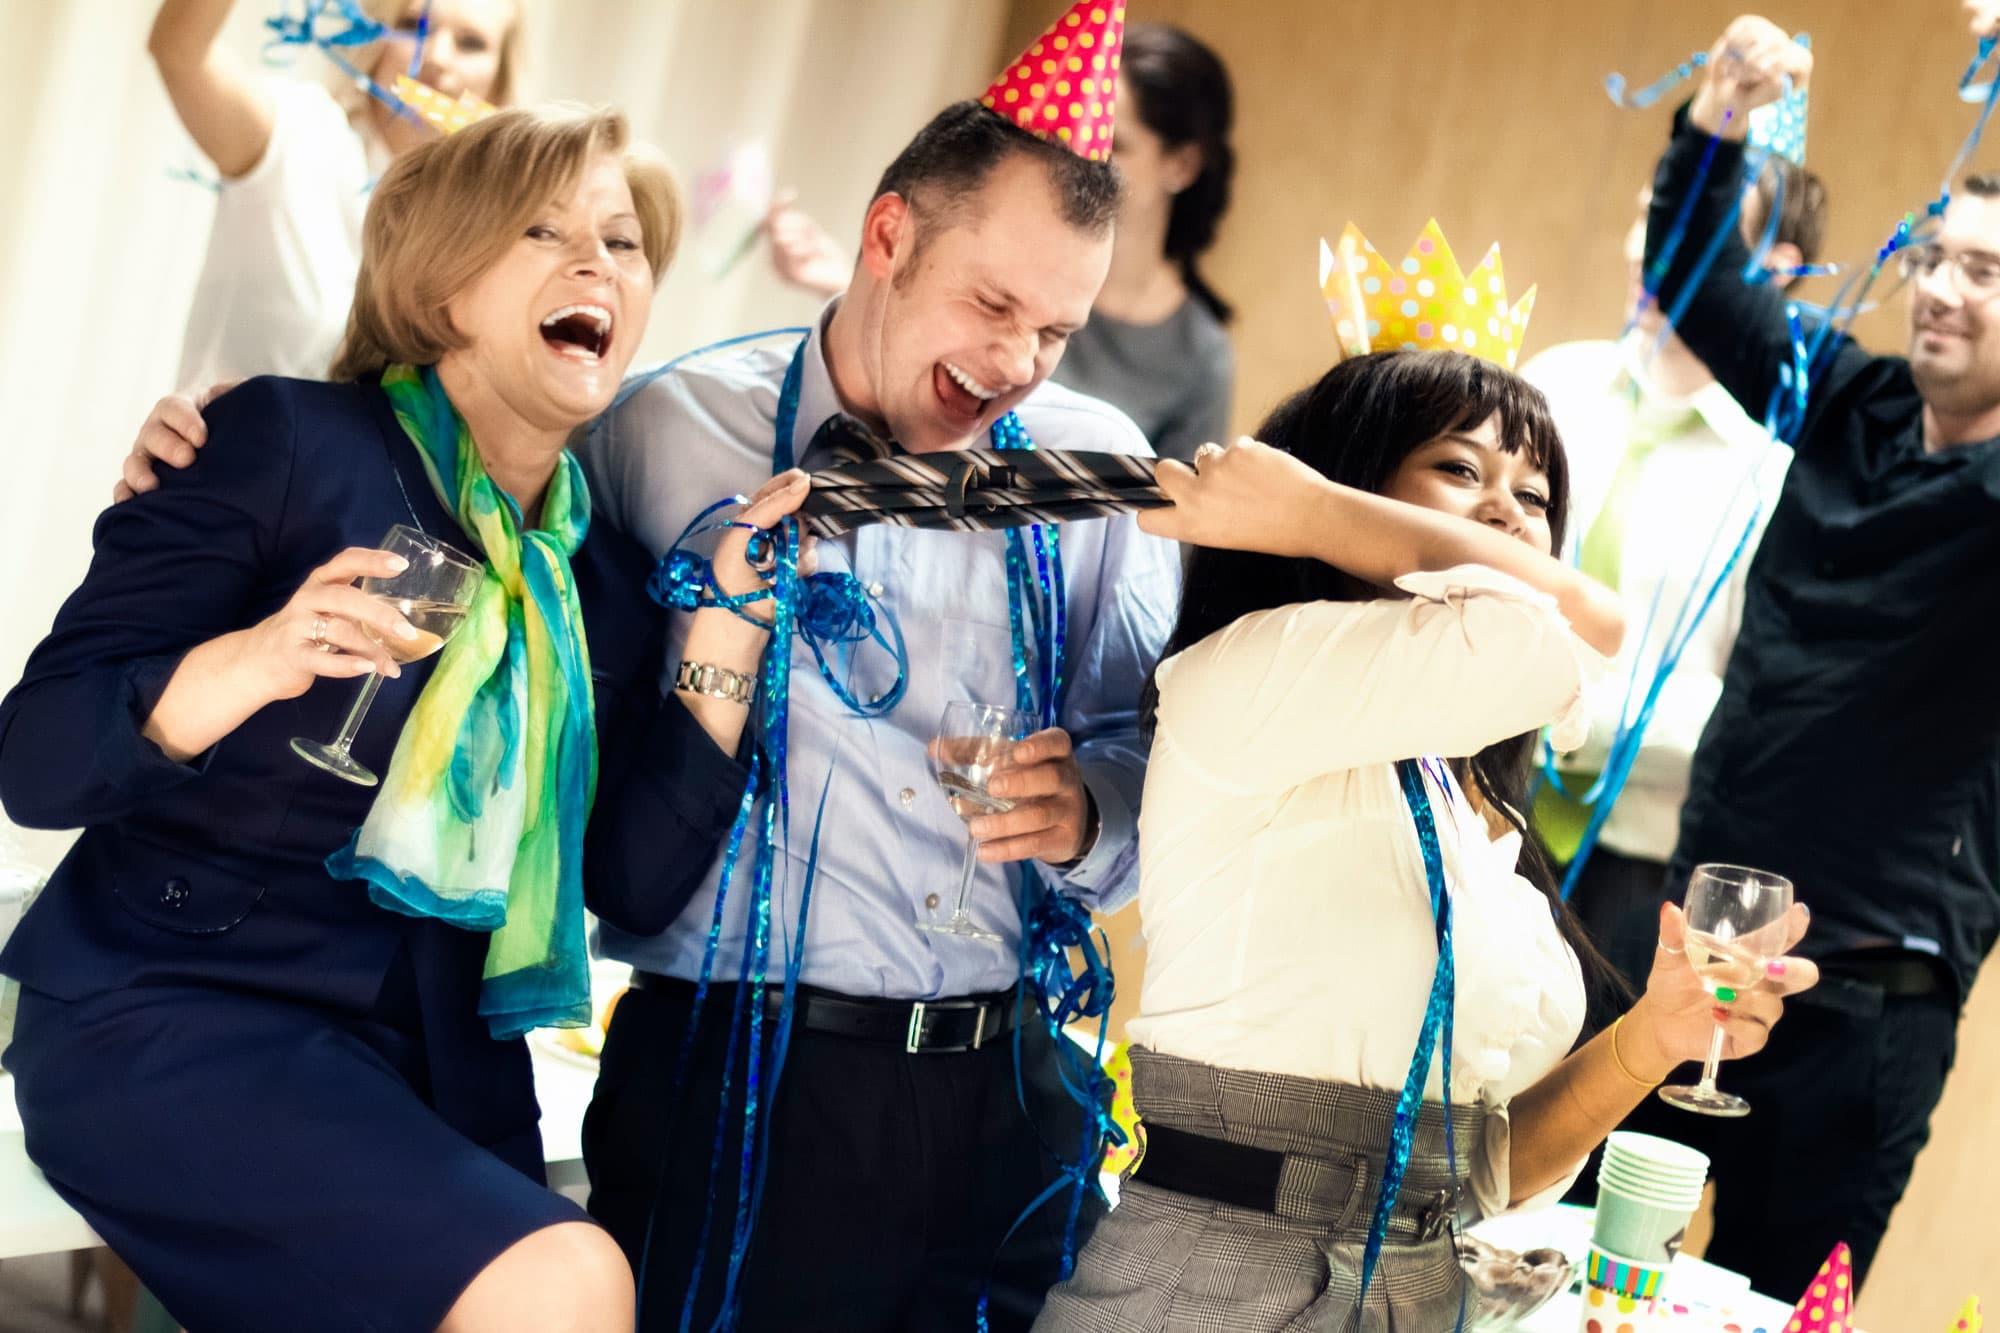 фото вечеринок на работе уже